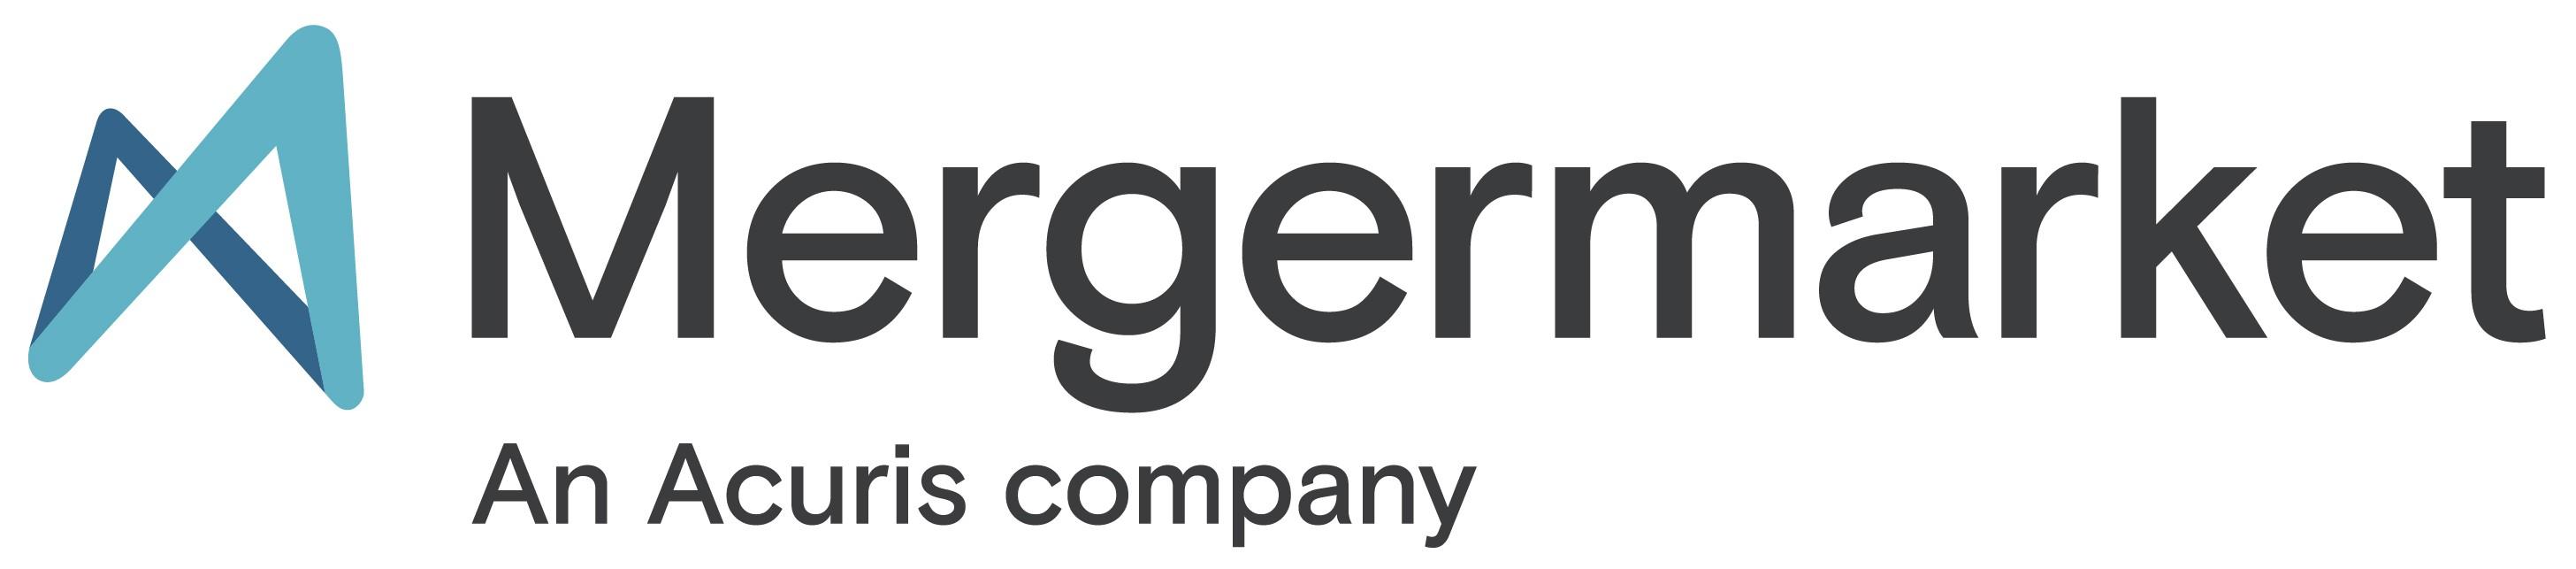 Mergermarket_Logo_RGB-01